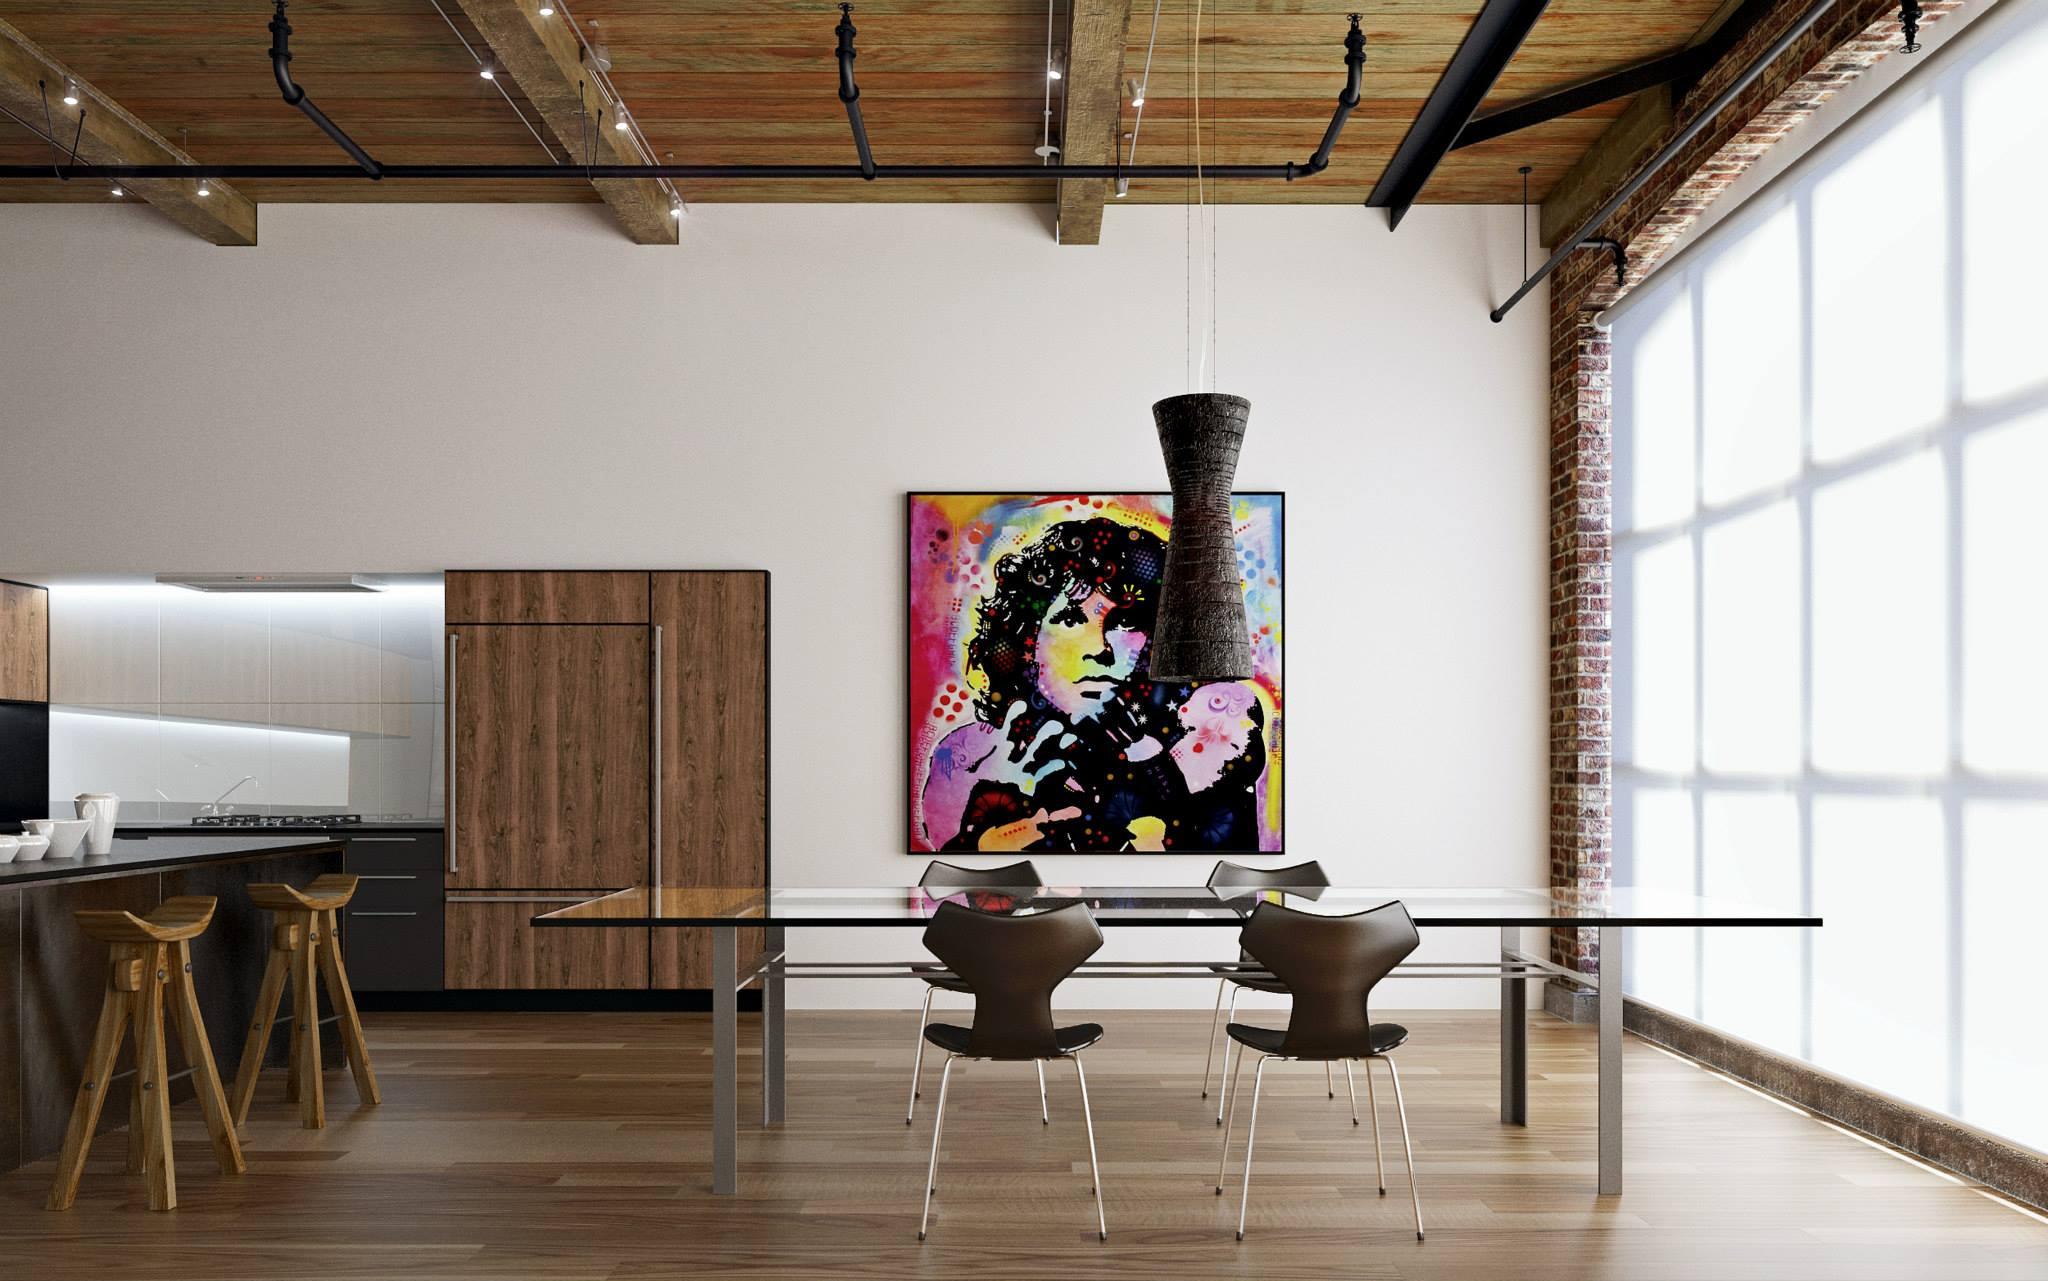 Una Selezione Di Sale Da Pranzo Accoglienti E Di Design Casa Di  #A16C2A 2048 1281 Come Scegliere Il Tavolo Da Pranzo